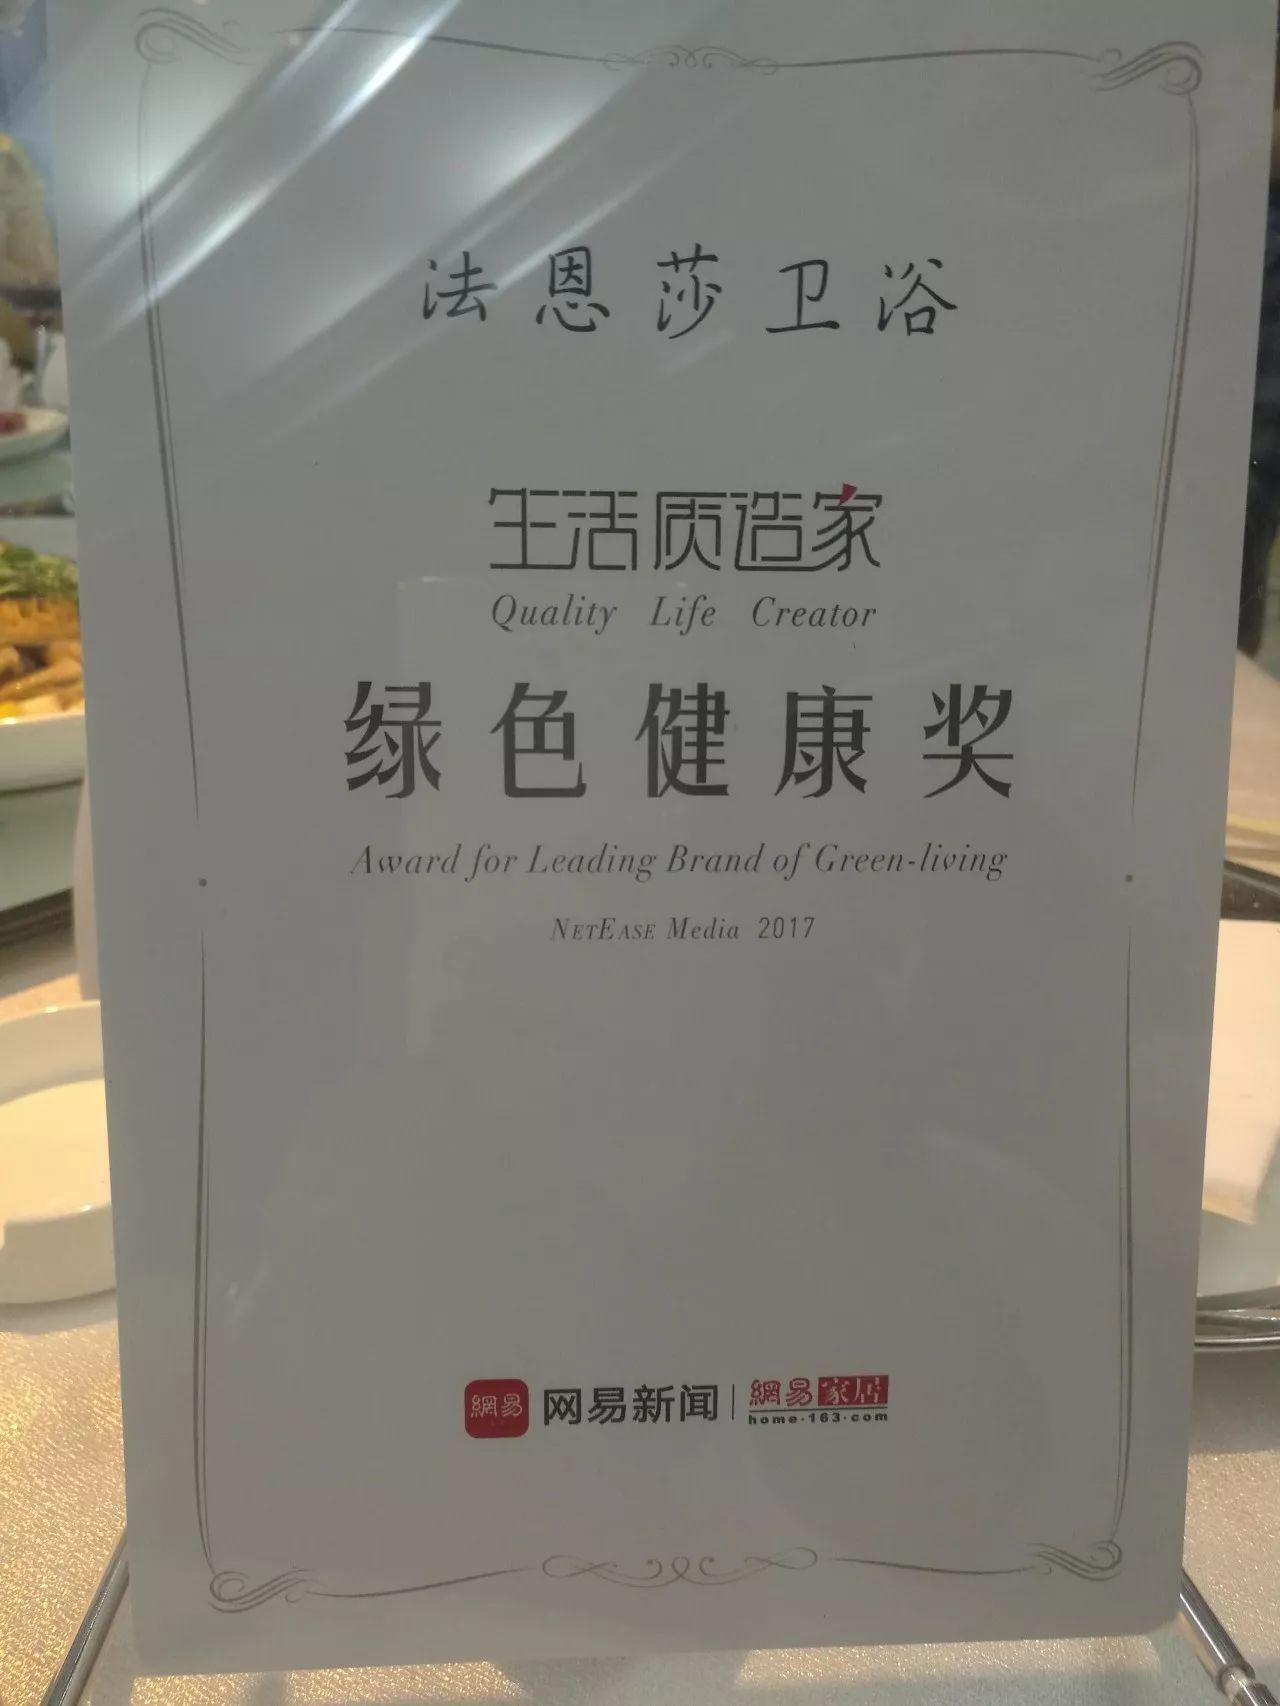 天津一中院迅速召开执行工作会议 贯彻落实全市法院基本解决执行难工作领导小组会议精神